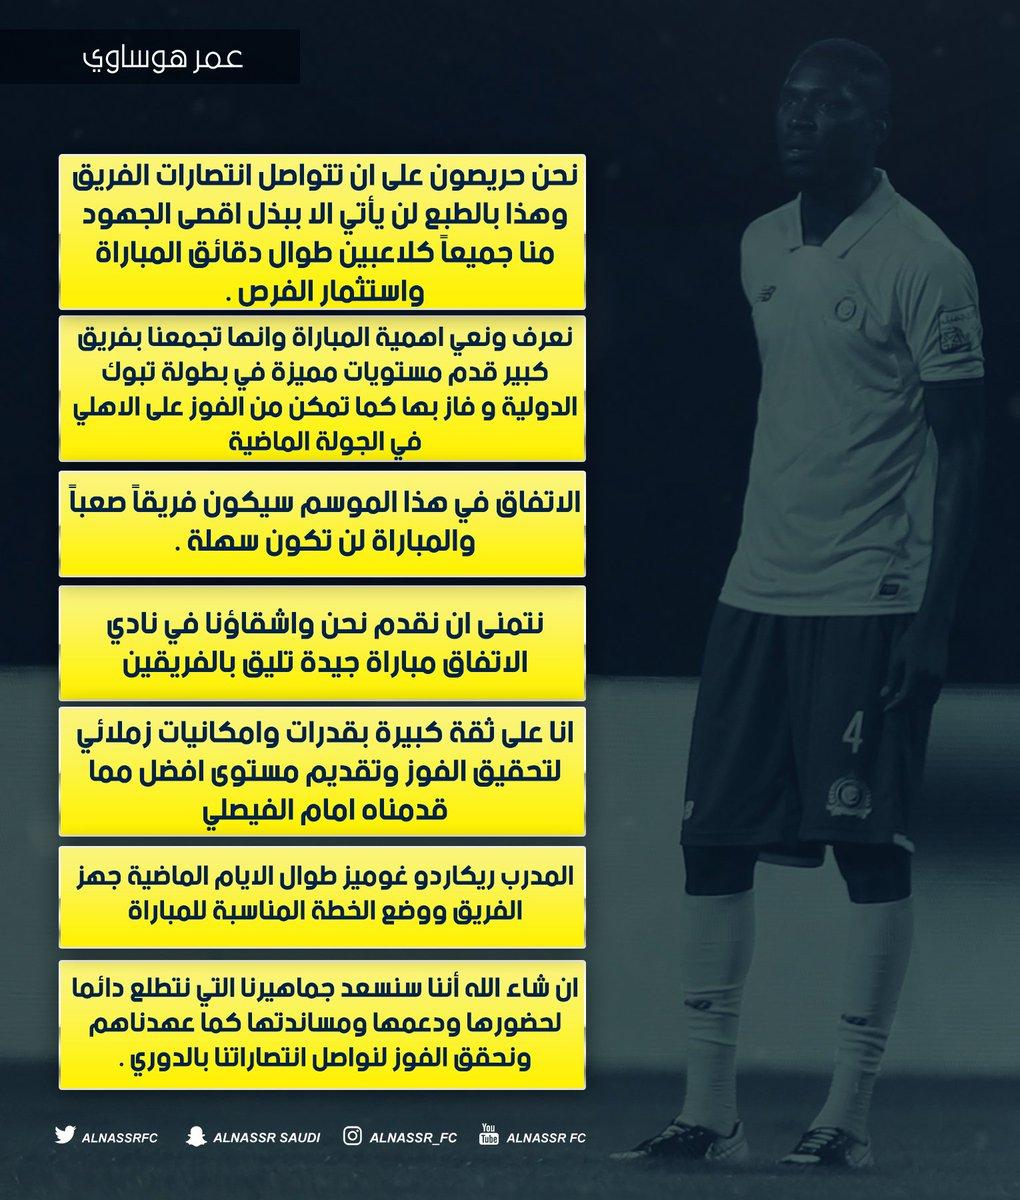 حديث نجم #النصر الكابتن عمر هوساوي قبل مباراة #النصر_الاتفاق غداً الجم...